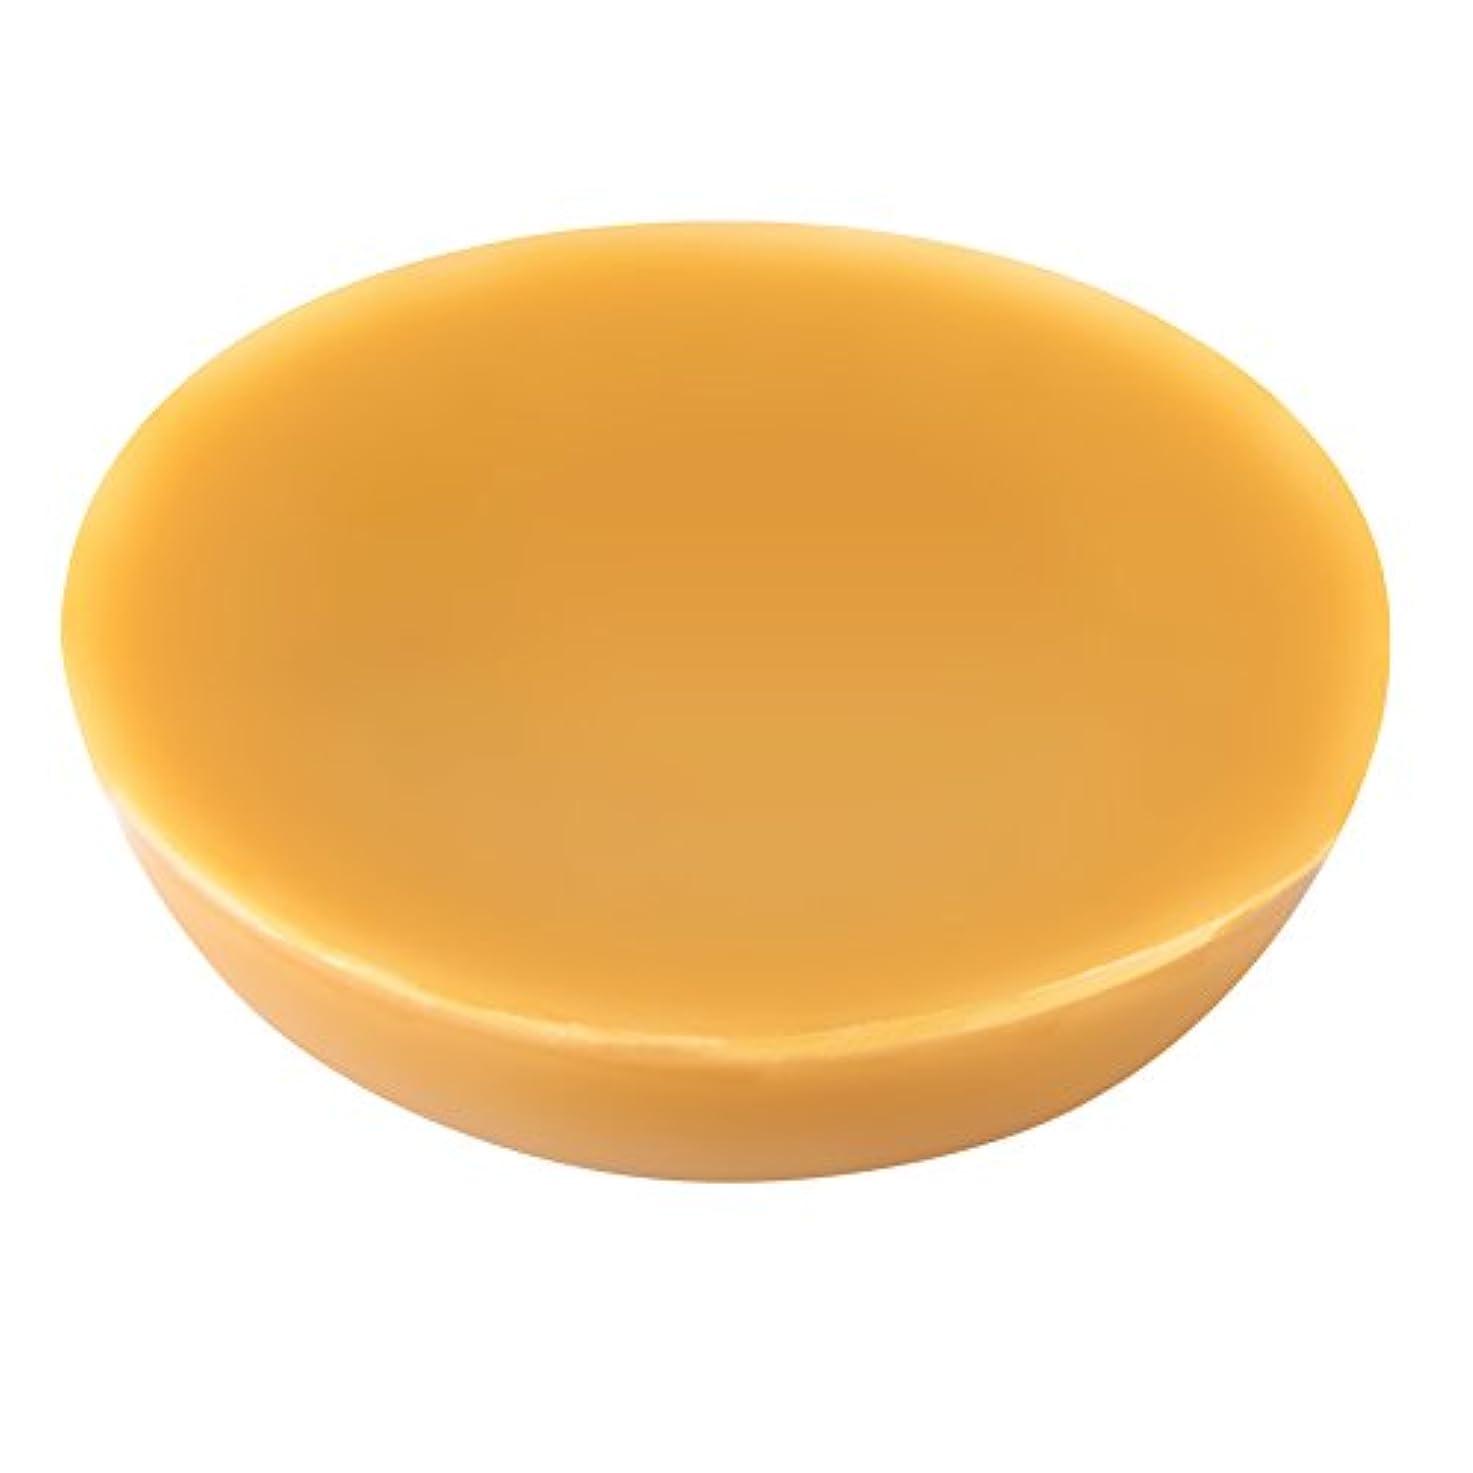 有限ウェーハ従順自然な蜜蝋、石鹸の化粧品の口紅のための食品等級の自然で純粋な蜂のワックス